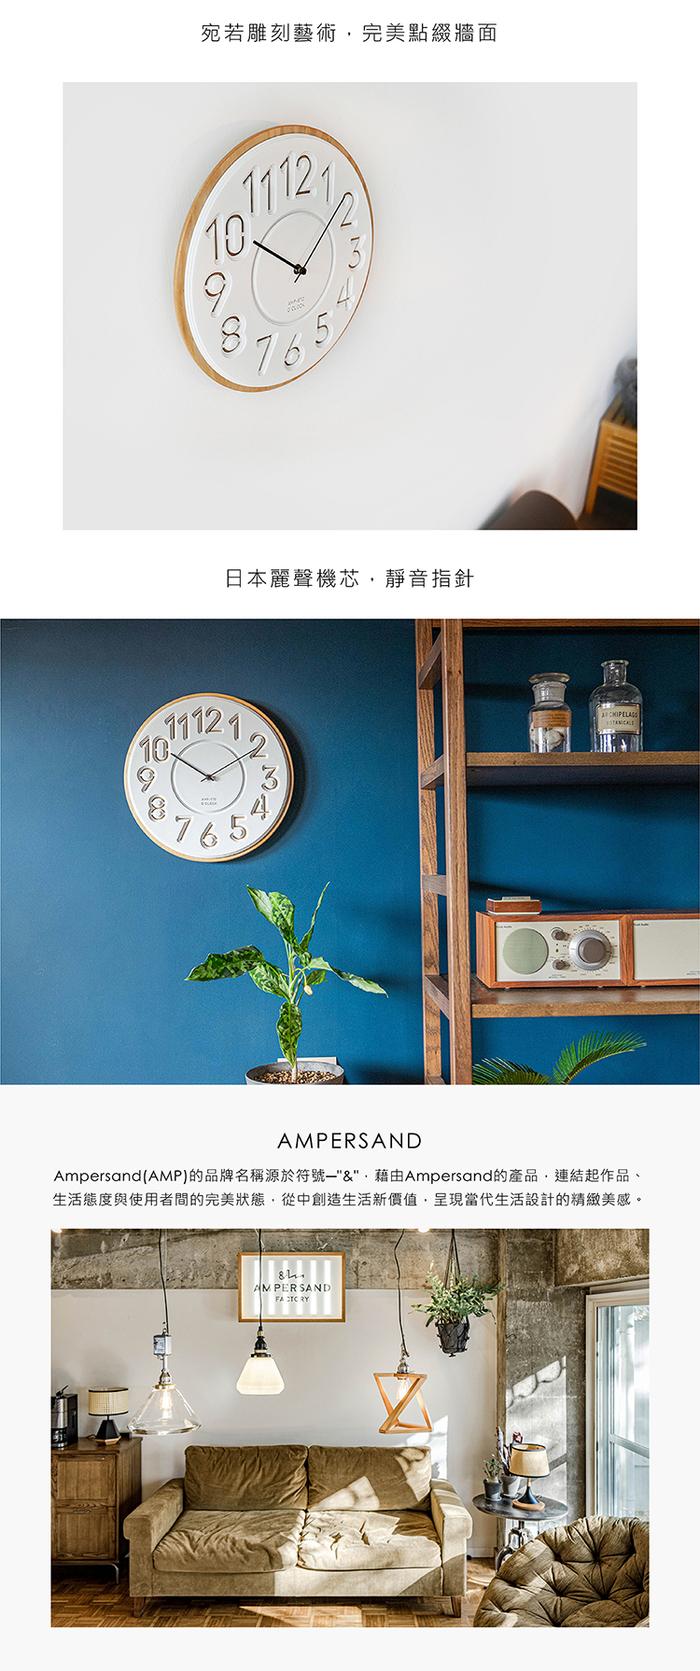 (複製)AMP|數字交錯質感木紋掛鐘